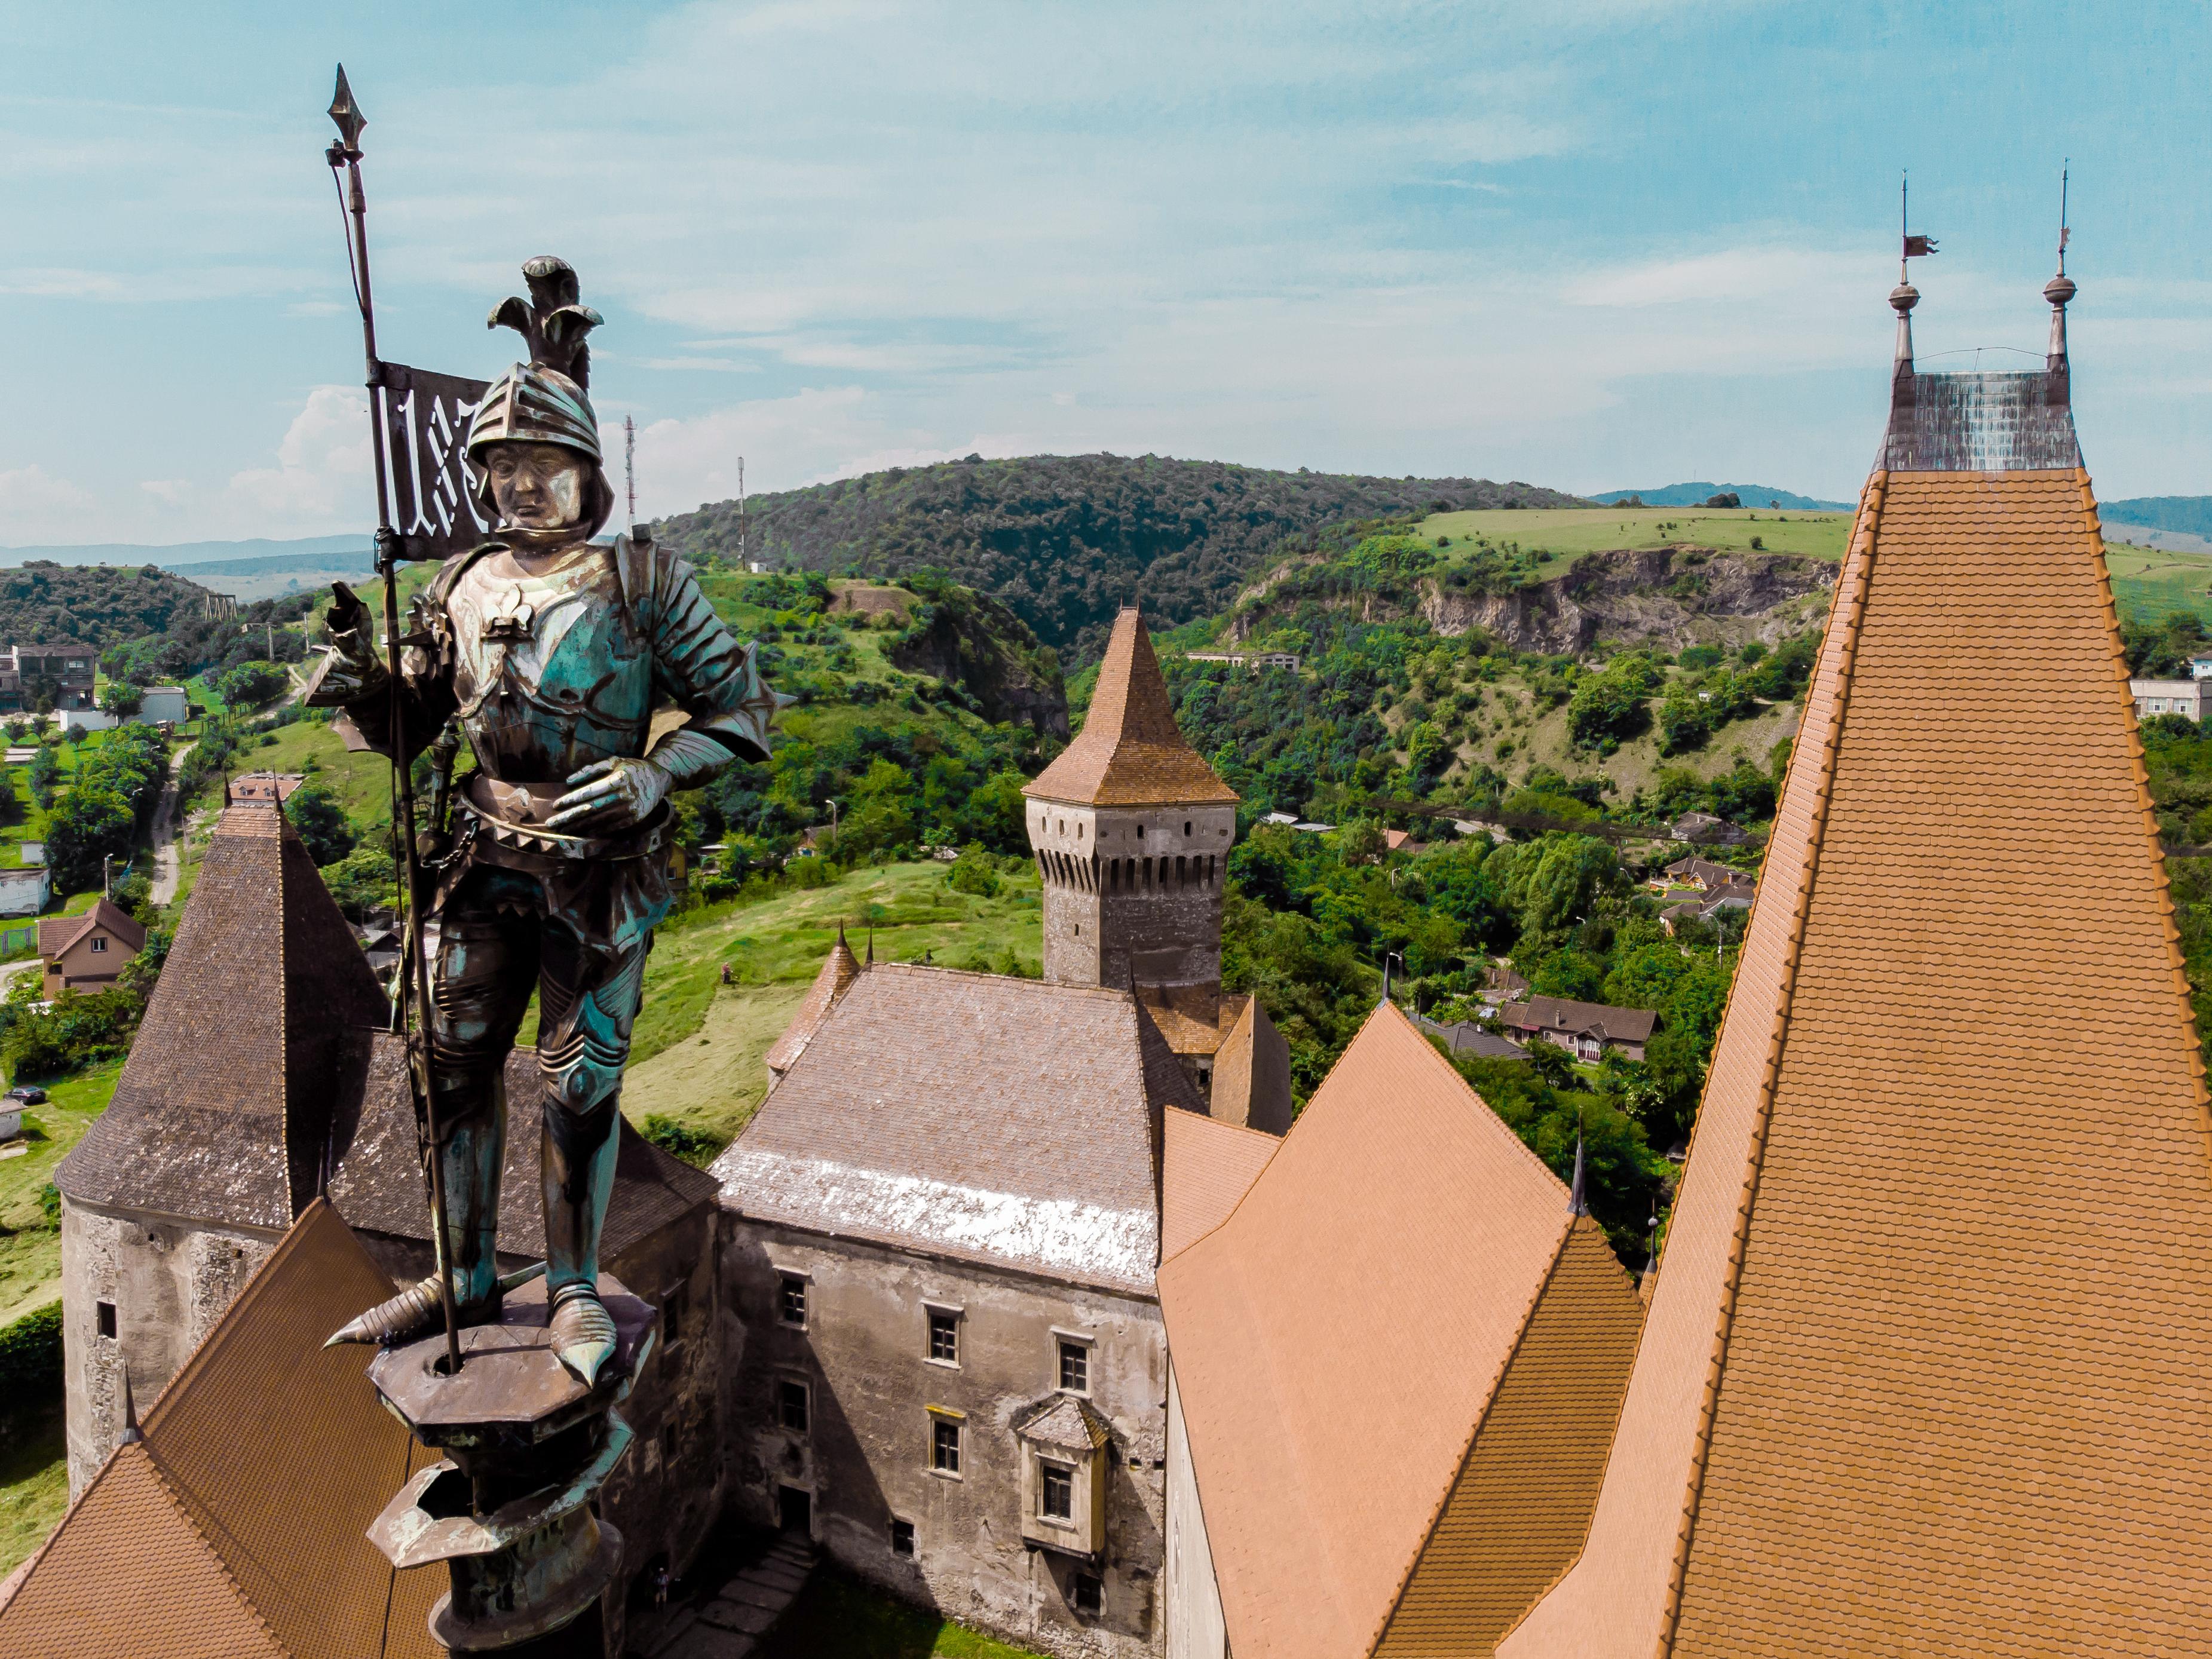 замки Румыния Три замка, ради которых стоит съездить в Румынию 22 20 2